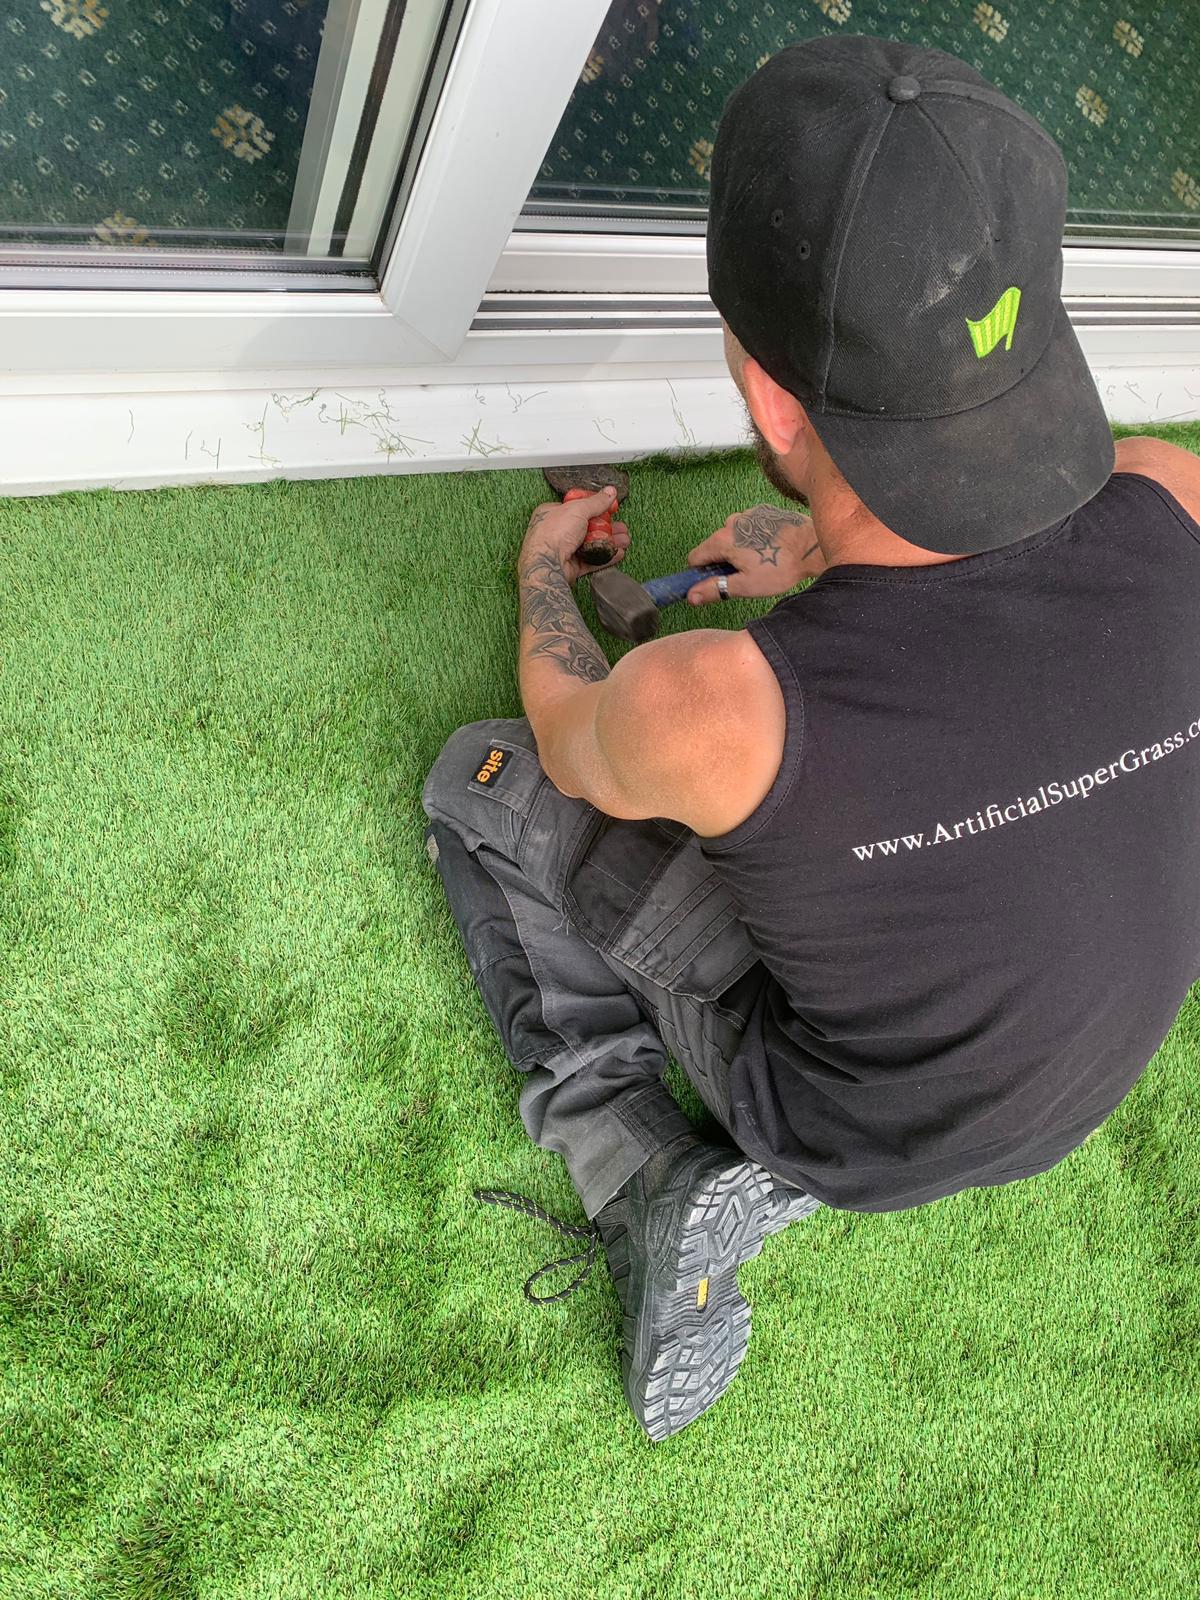 Astro Turf Melton Mowbray Artificial Super Grass